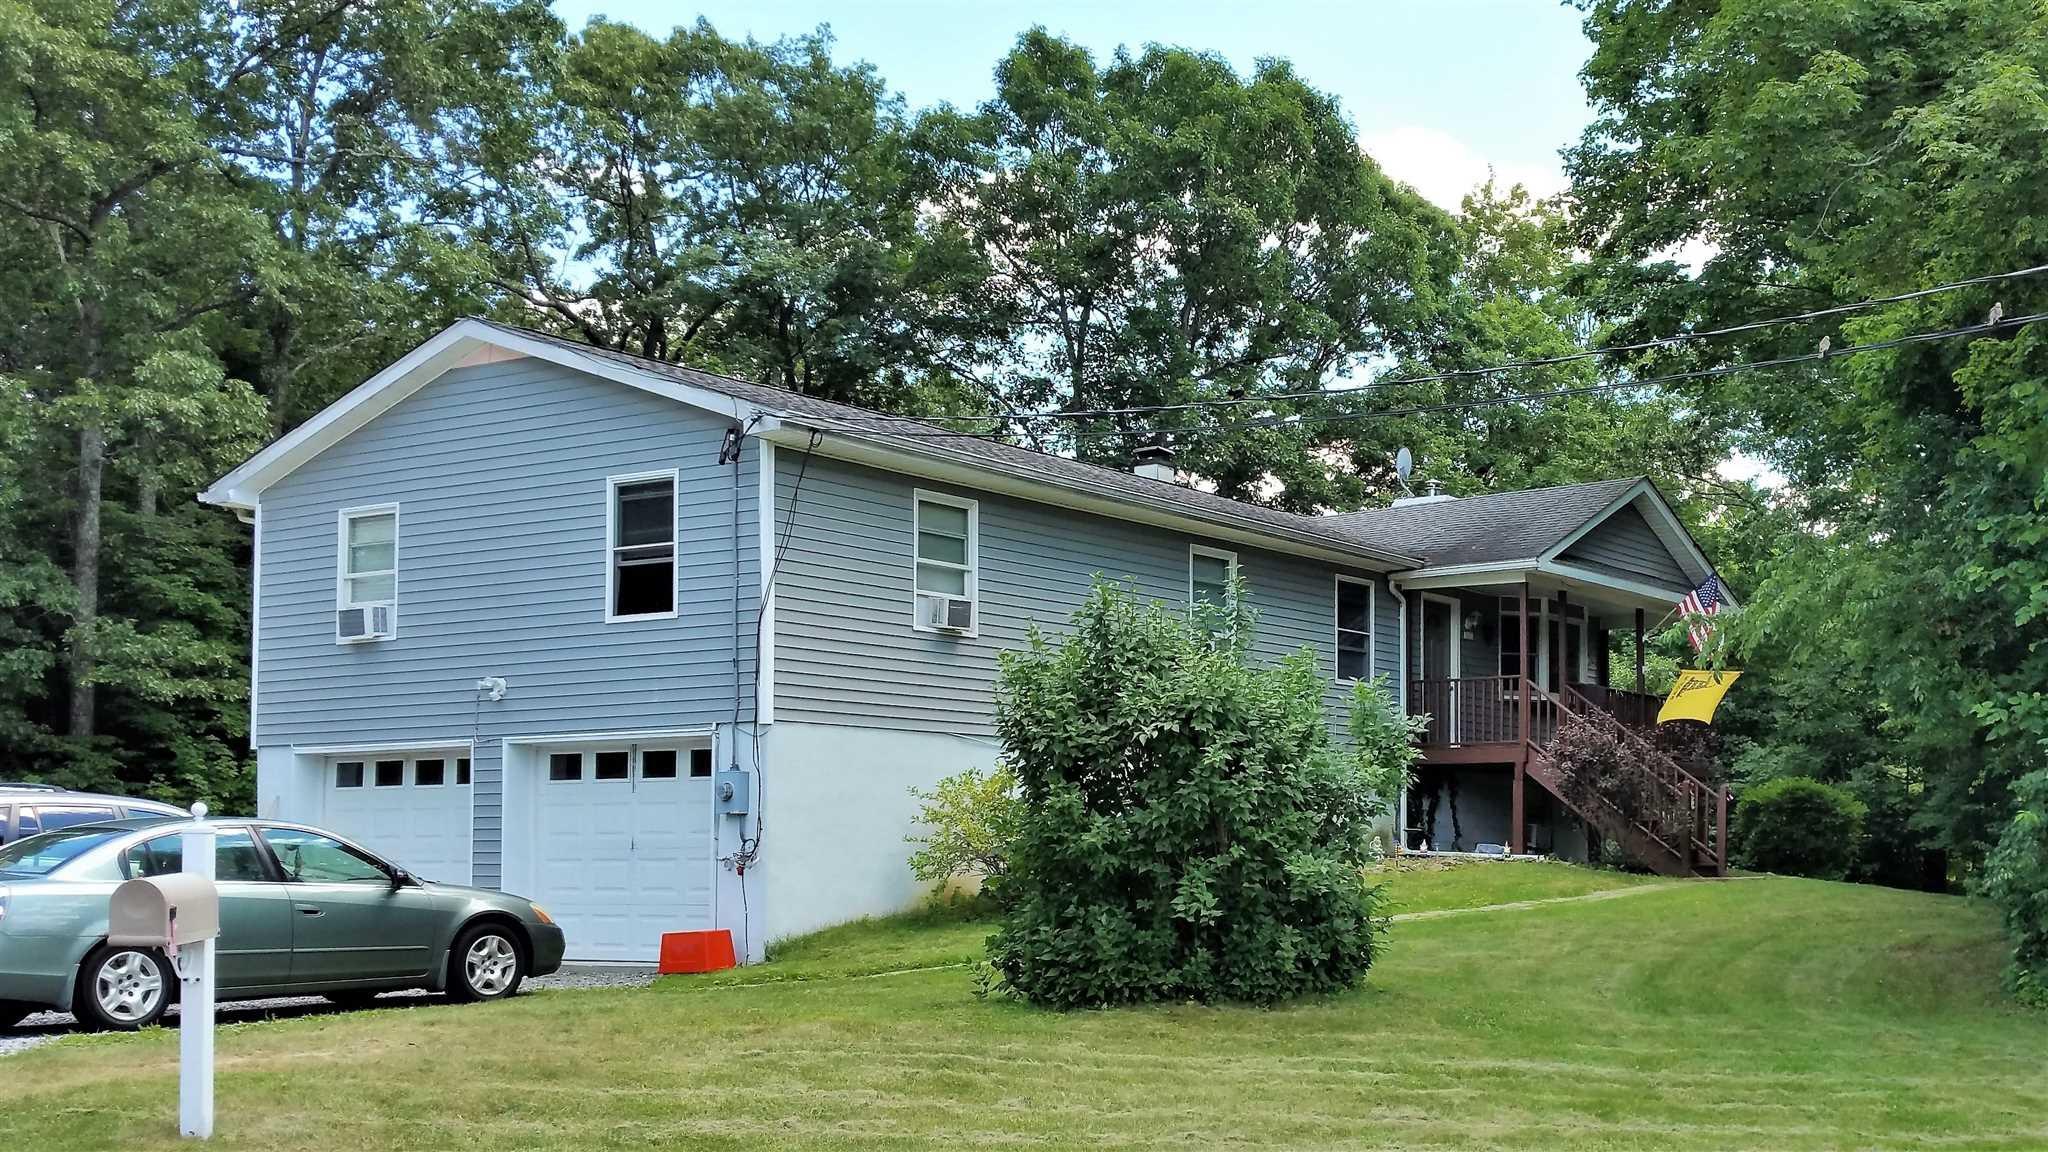 Single Family Home for Sale at 19 SHAKER Lane 19 SHAKER Lane Hyde Park, New York 12538 United States